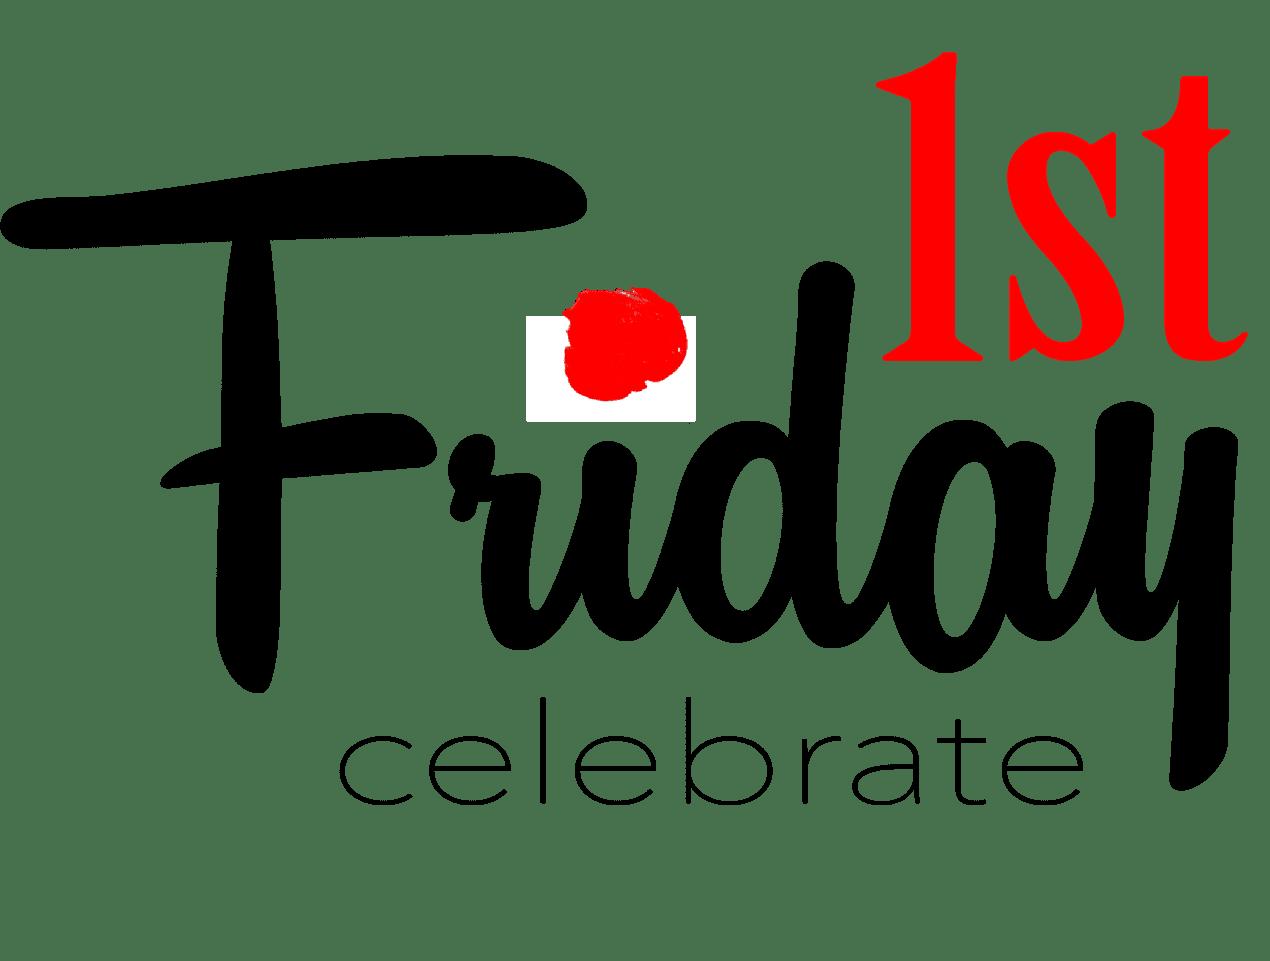 Logo for 1st Friday